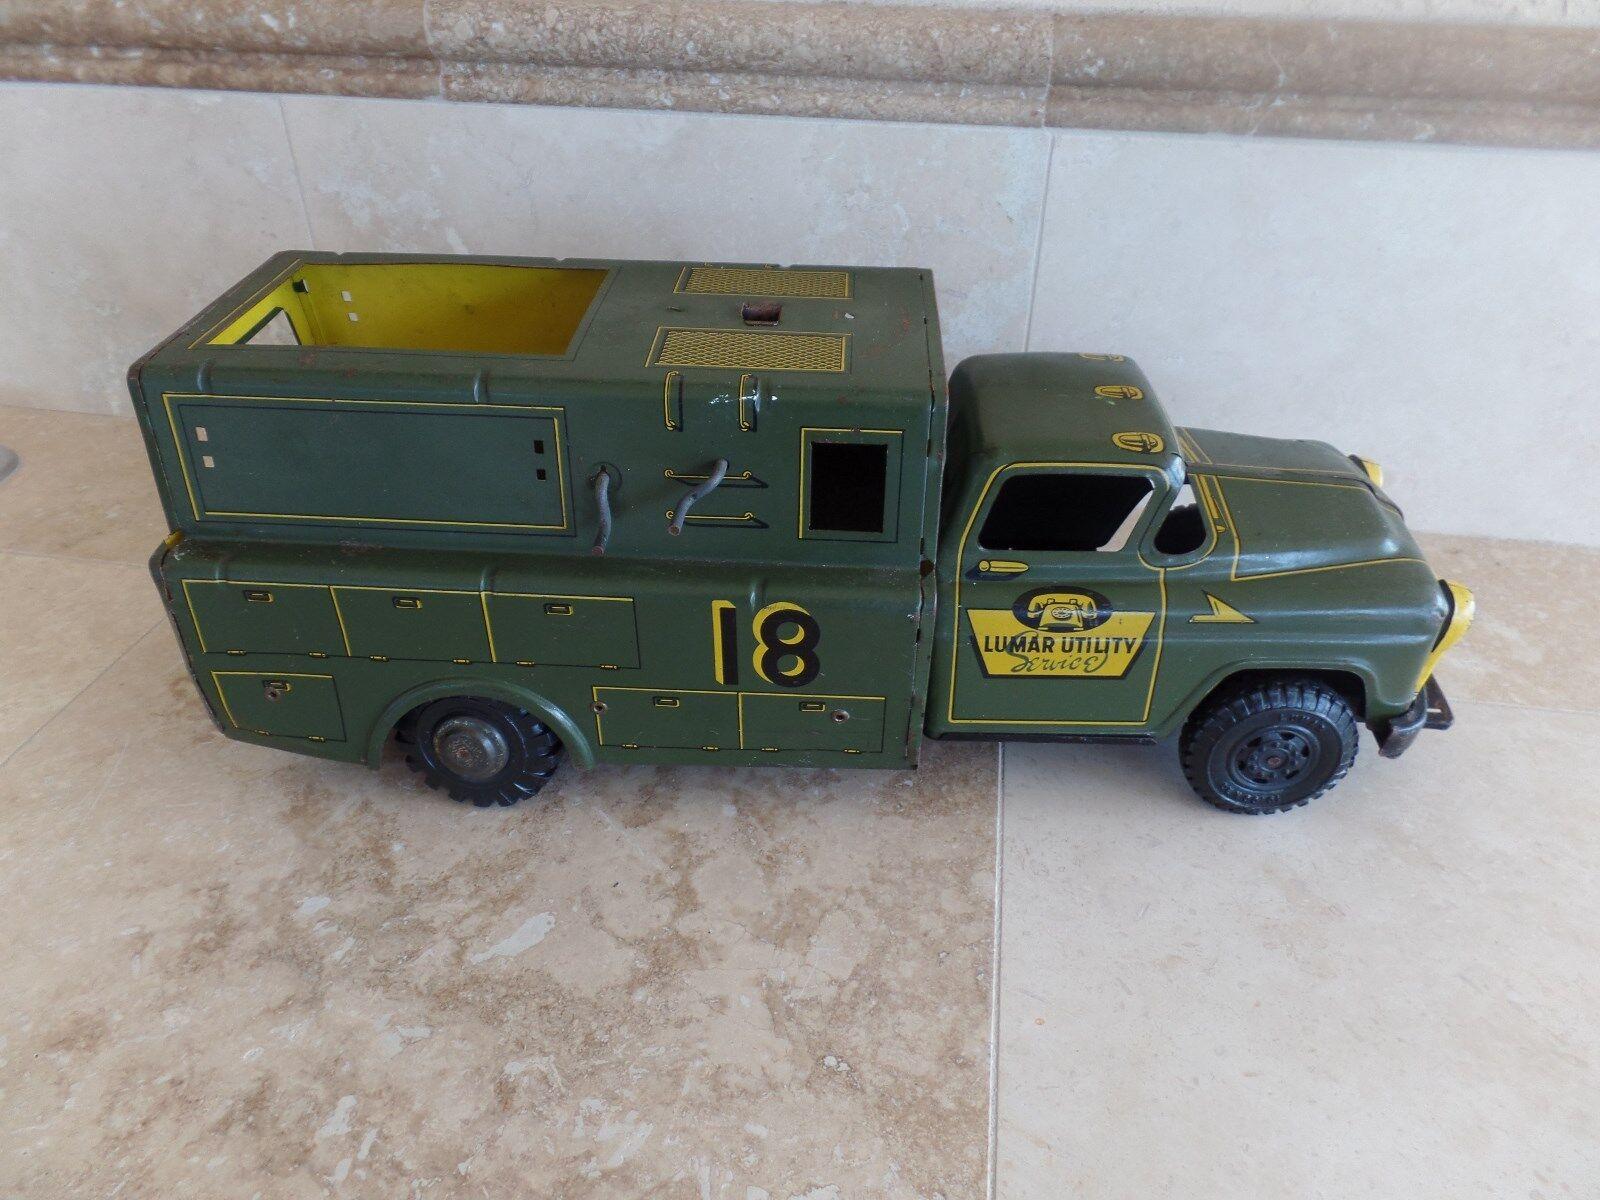 Vintage Marx Lumar utilidad de teléfono de servicio de reparación Truck Acero Estampado